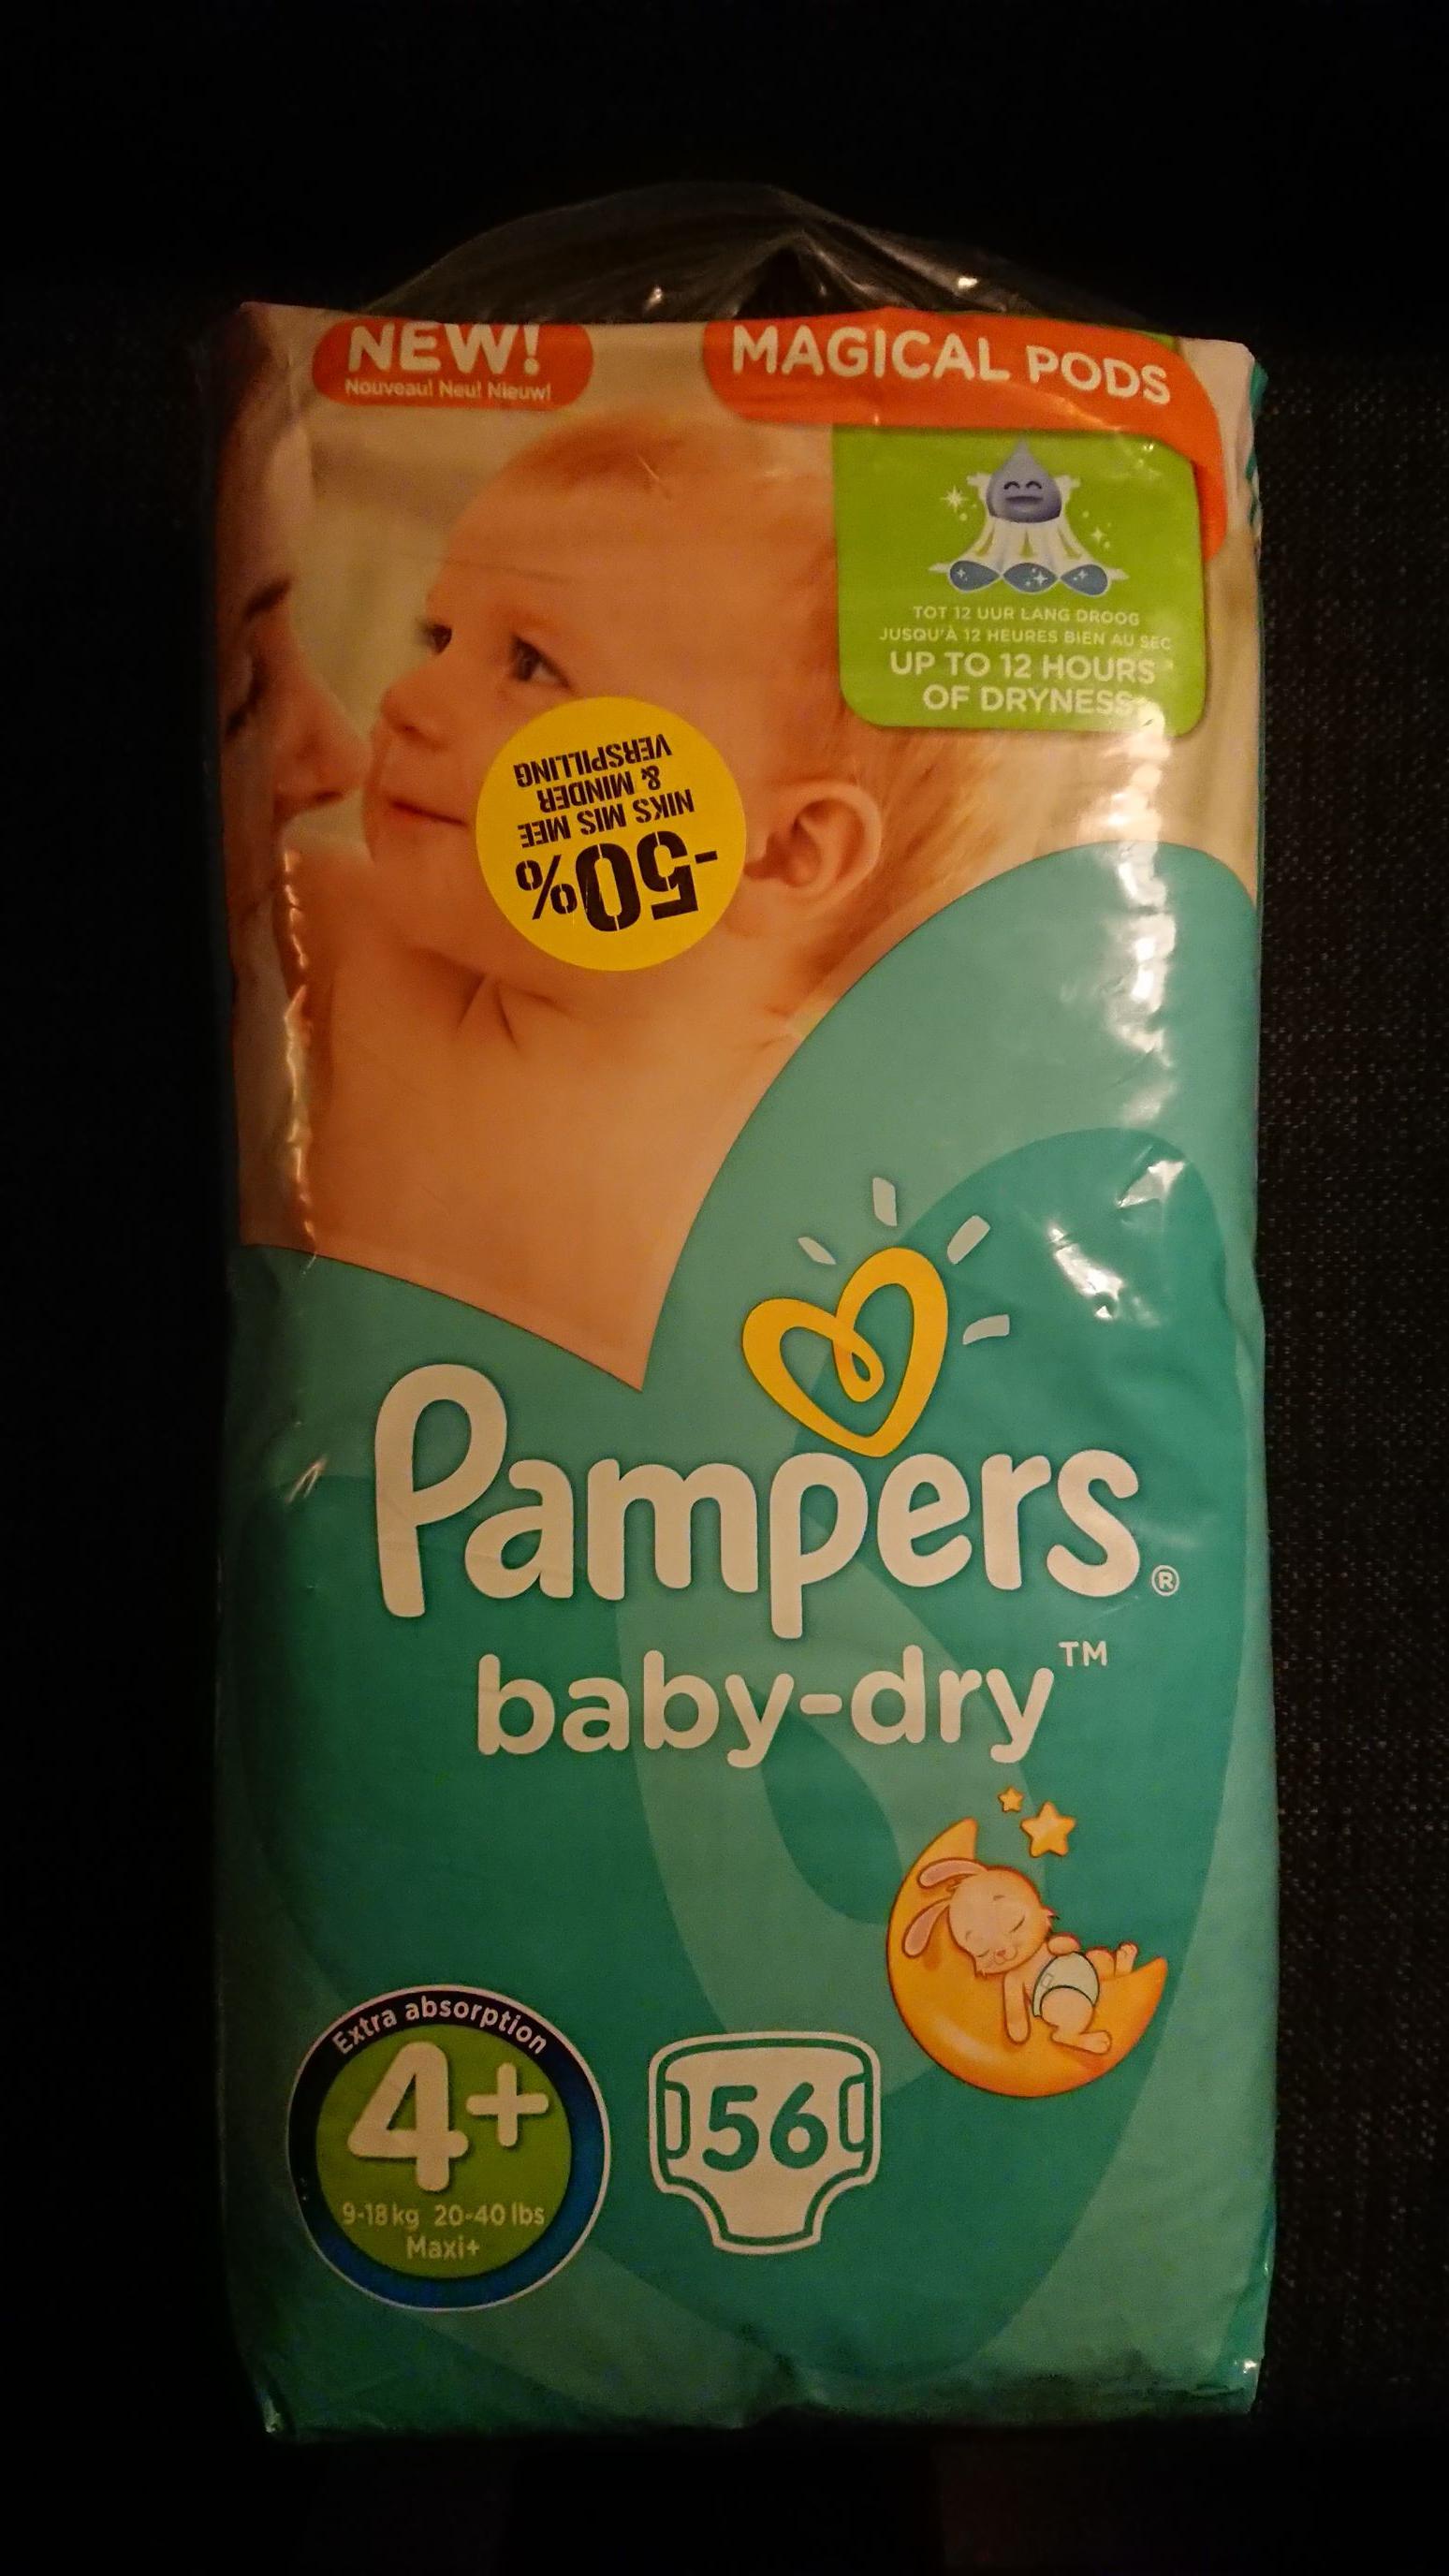 Coop (lokaal) opruiming.50% op pampers baby dry.